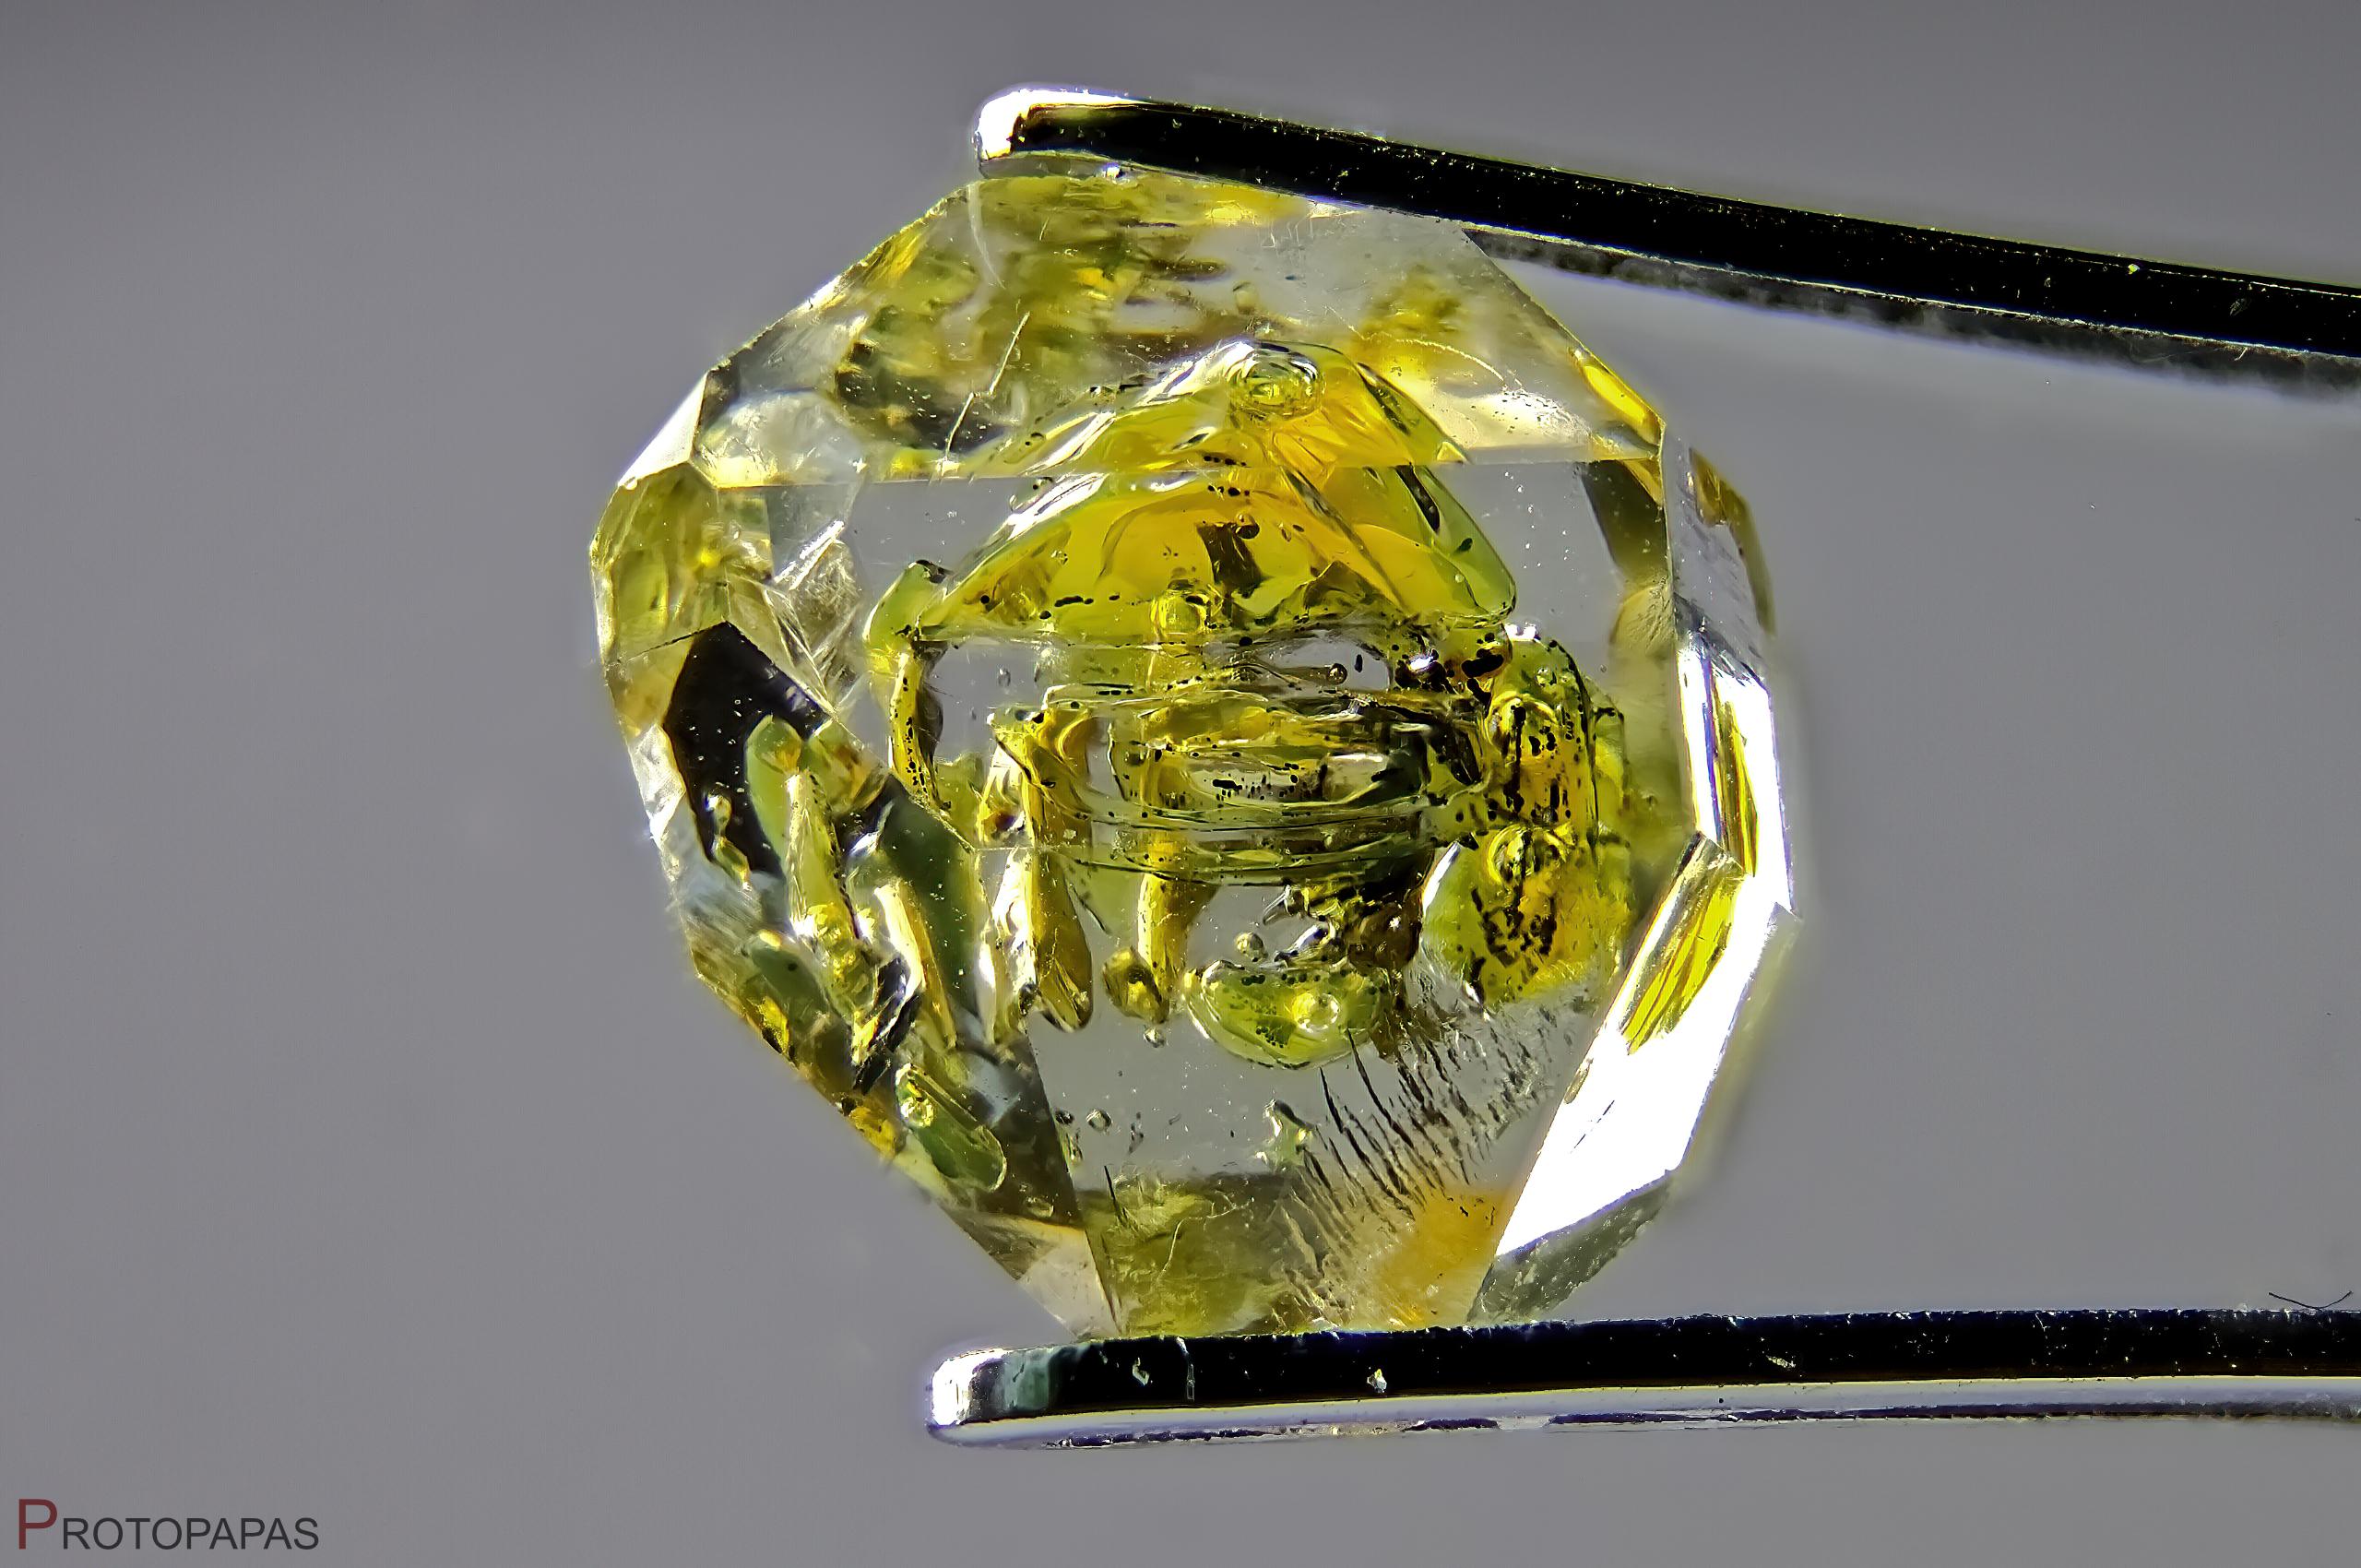 Petroleum quartz from Pakistan. Photo by Francesco Protopapas